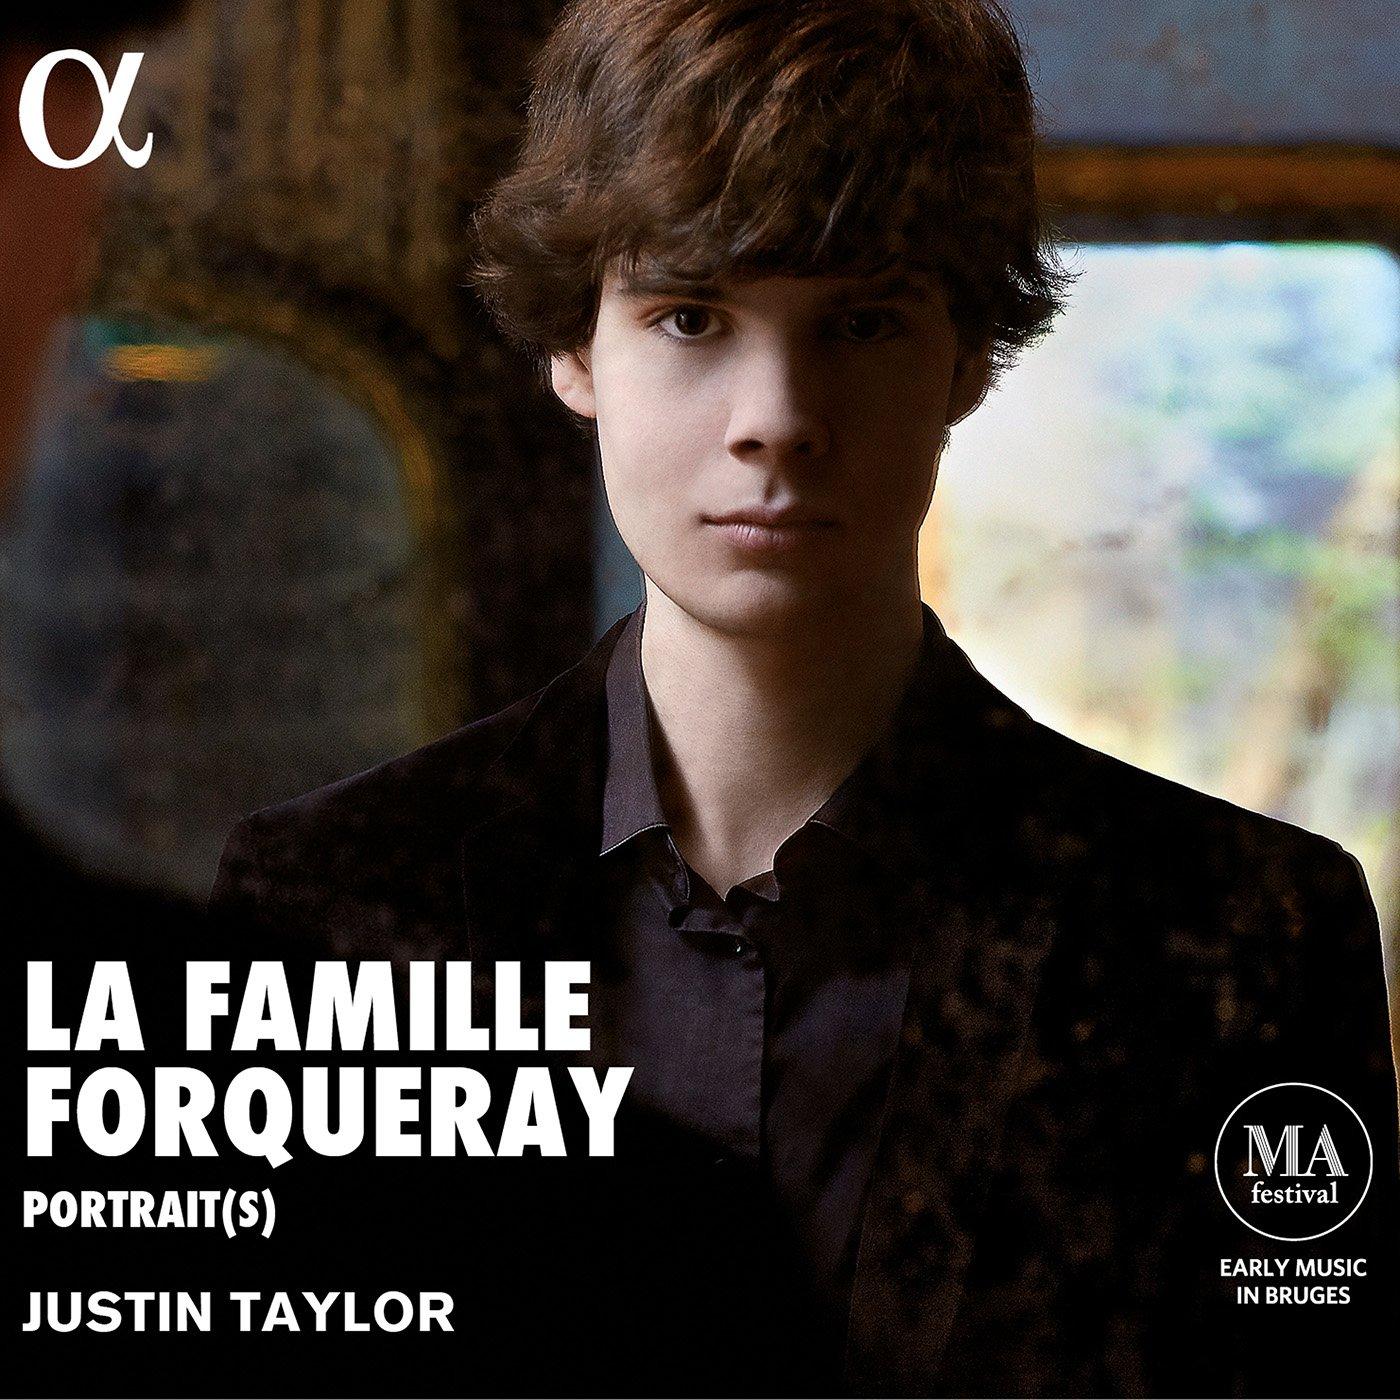 La Famille Forqueray